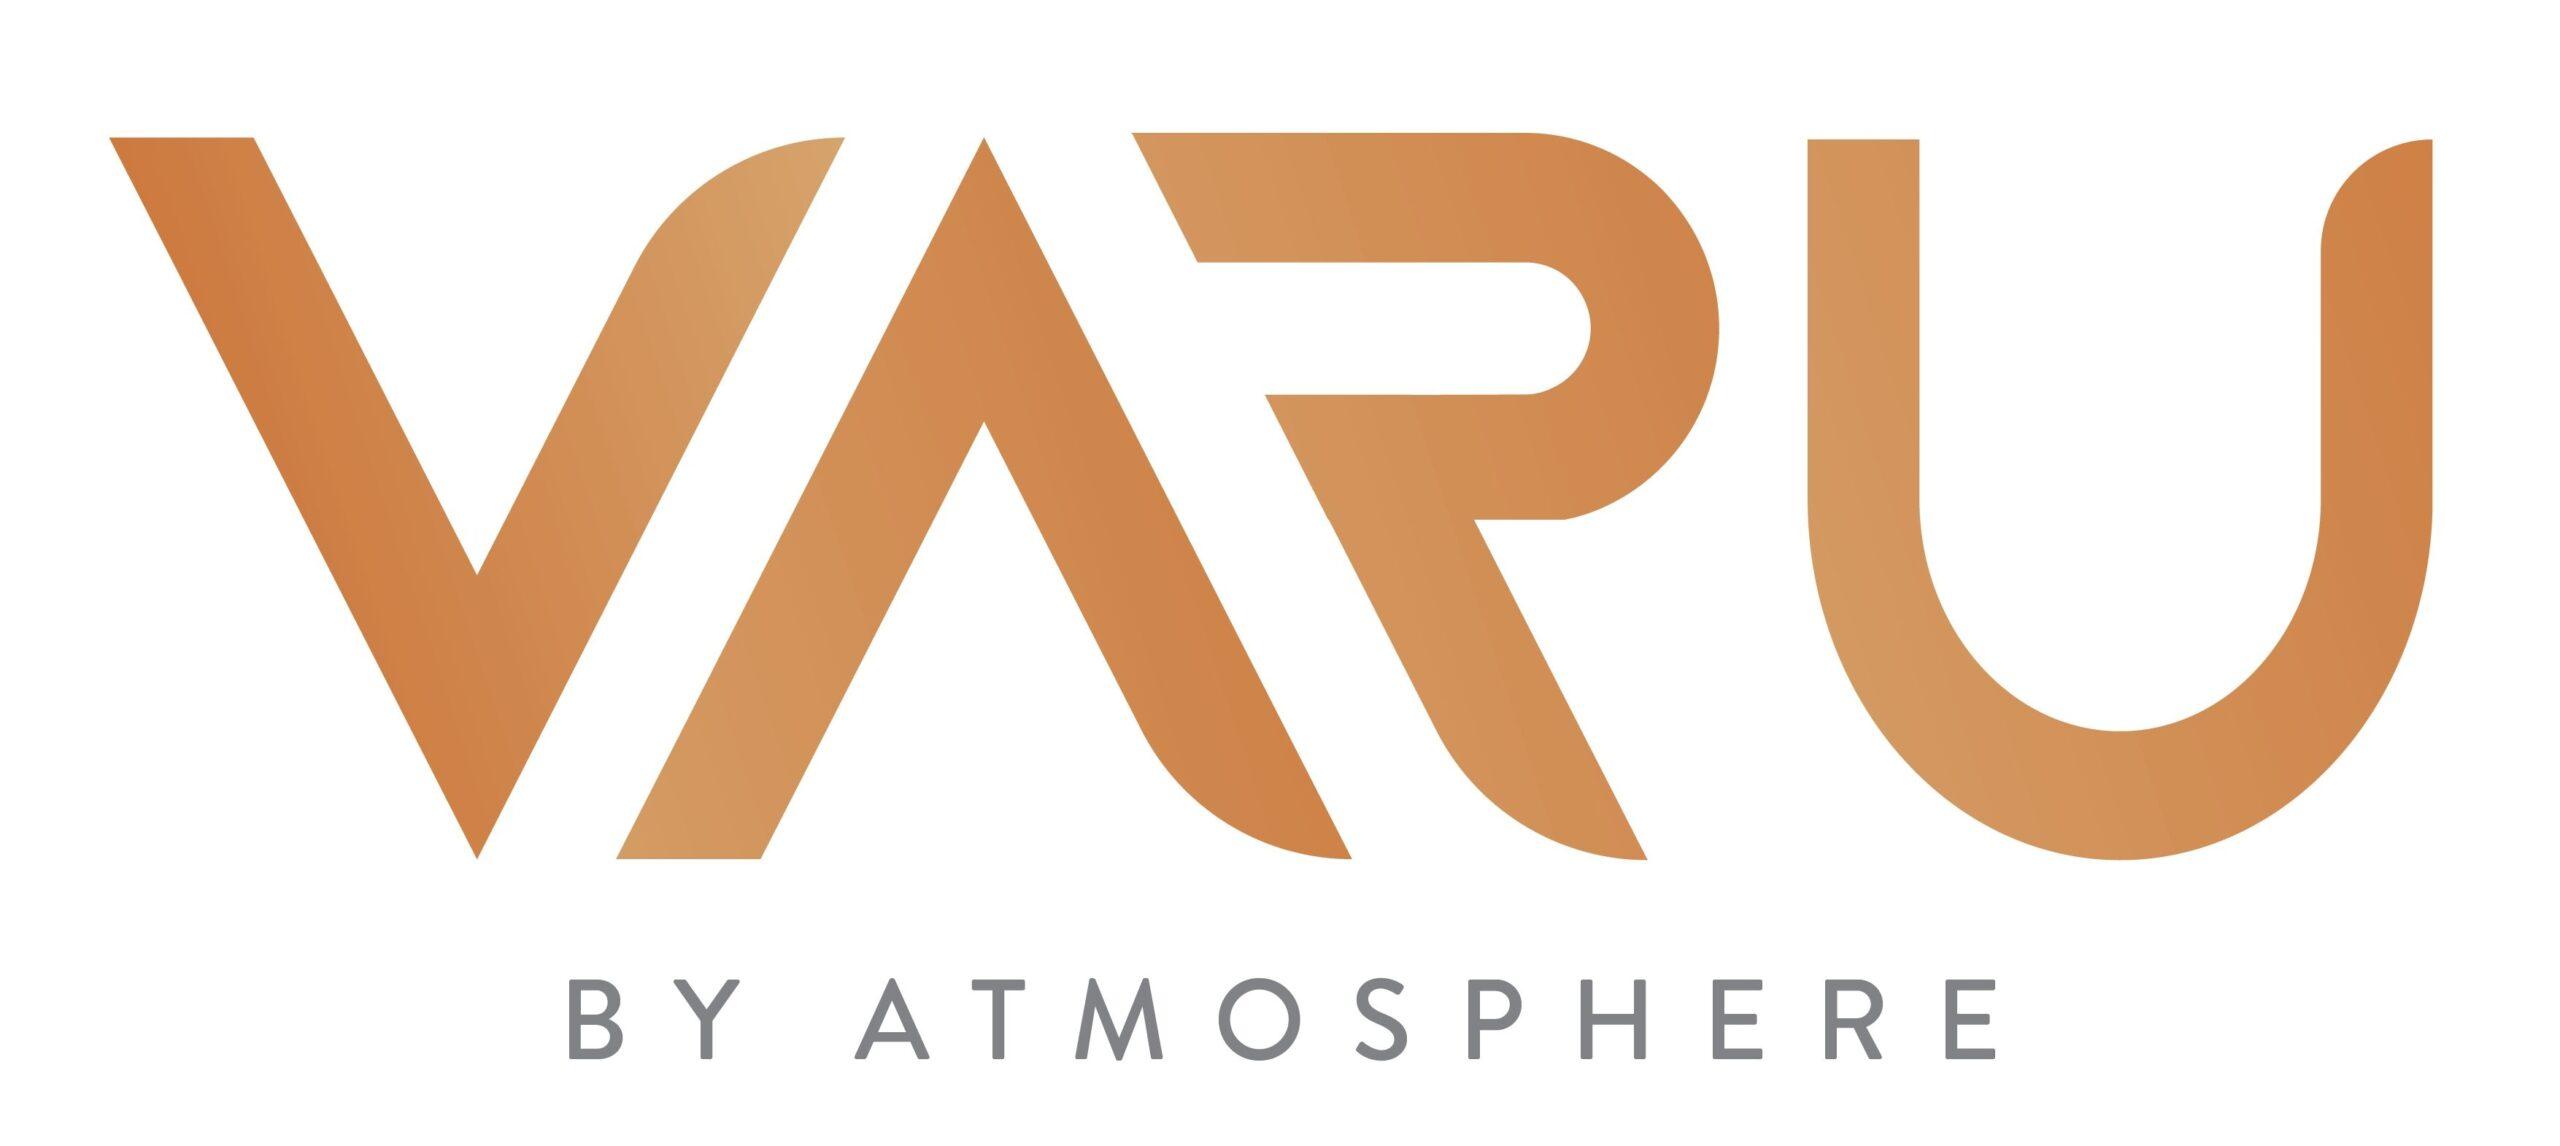 Varu by atmosphere